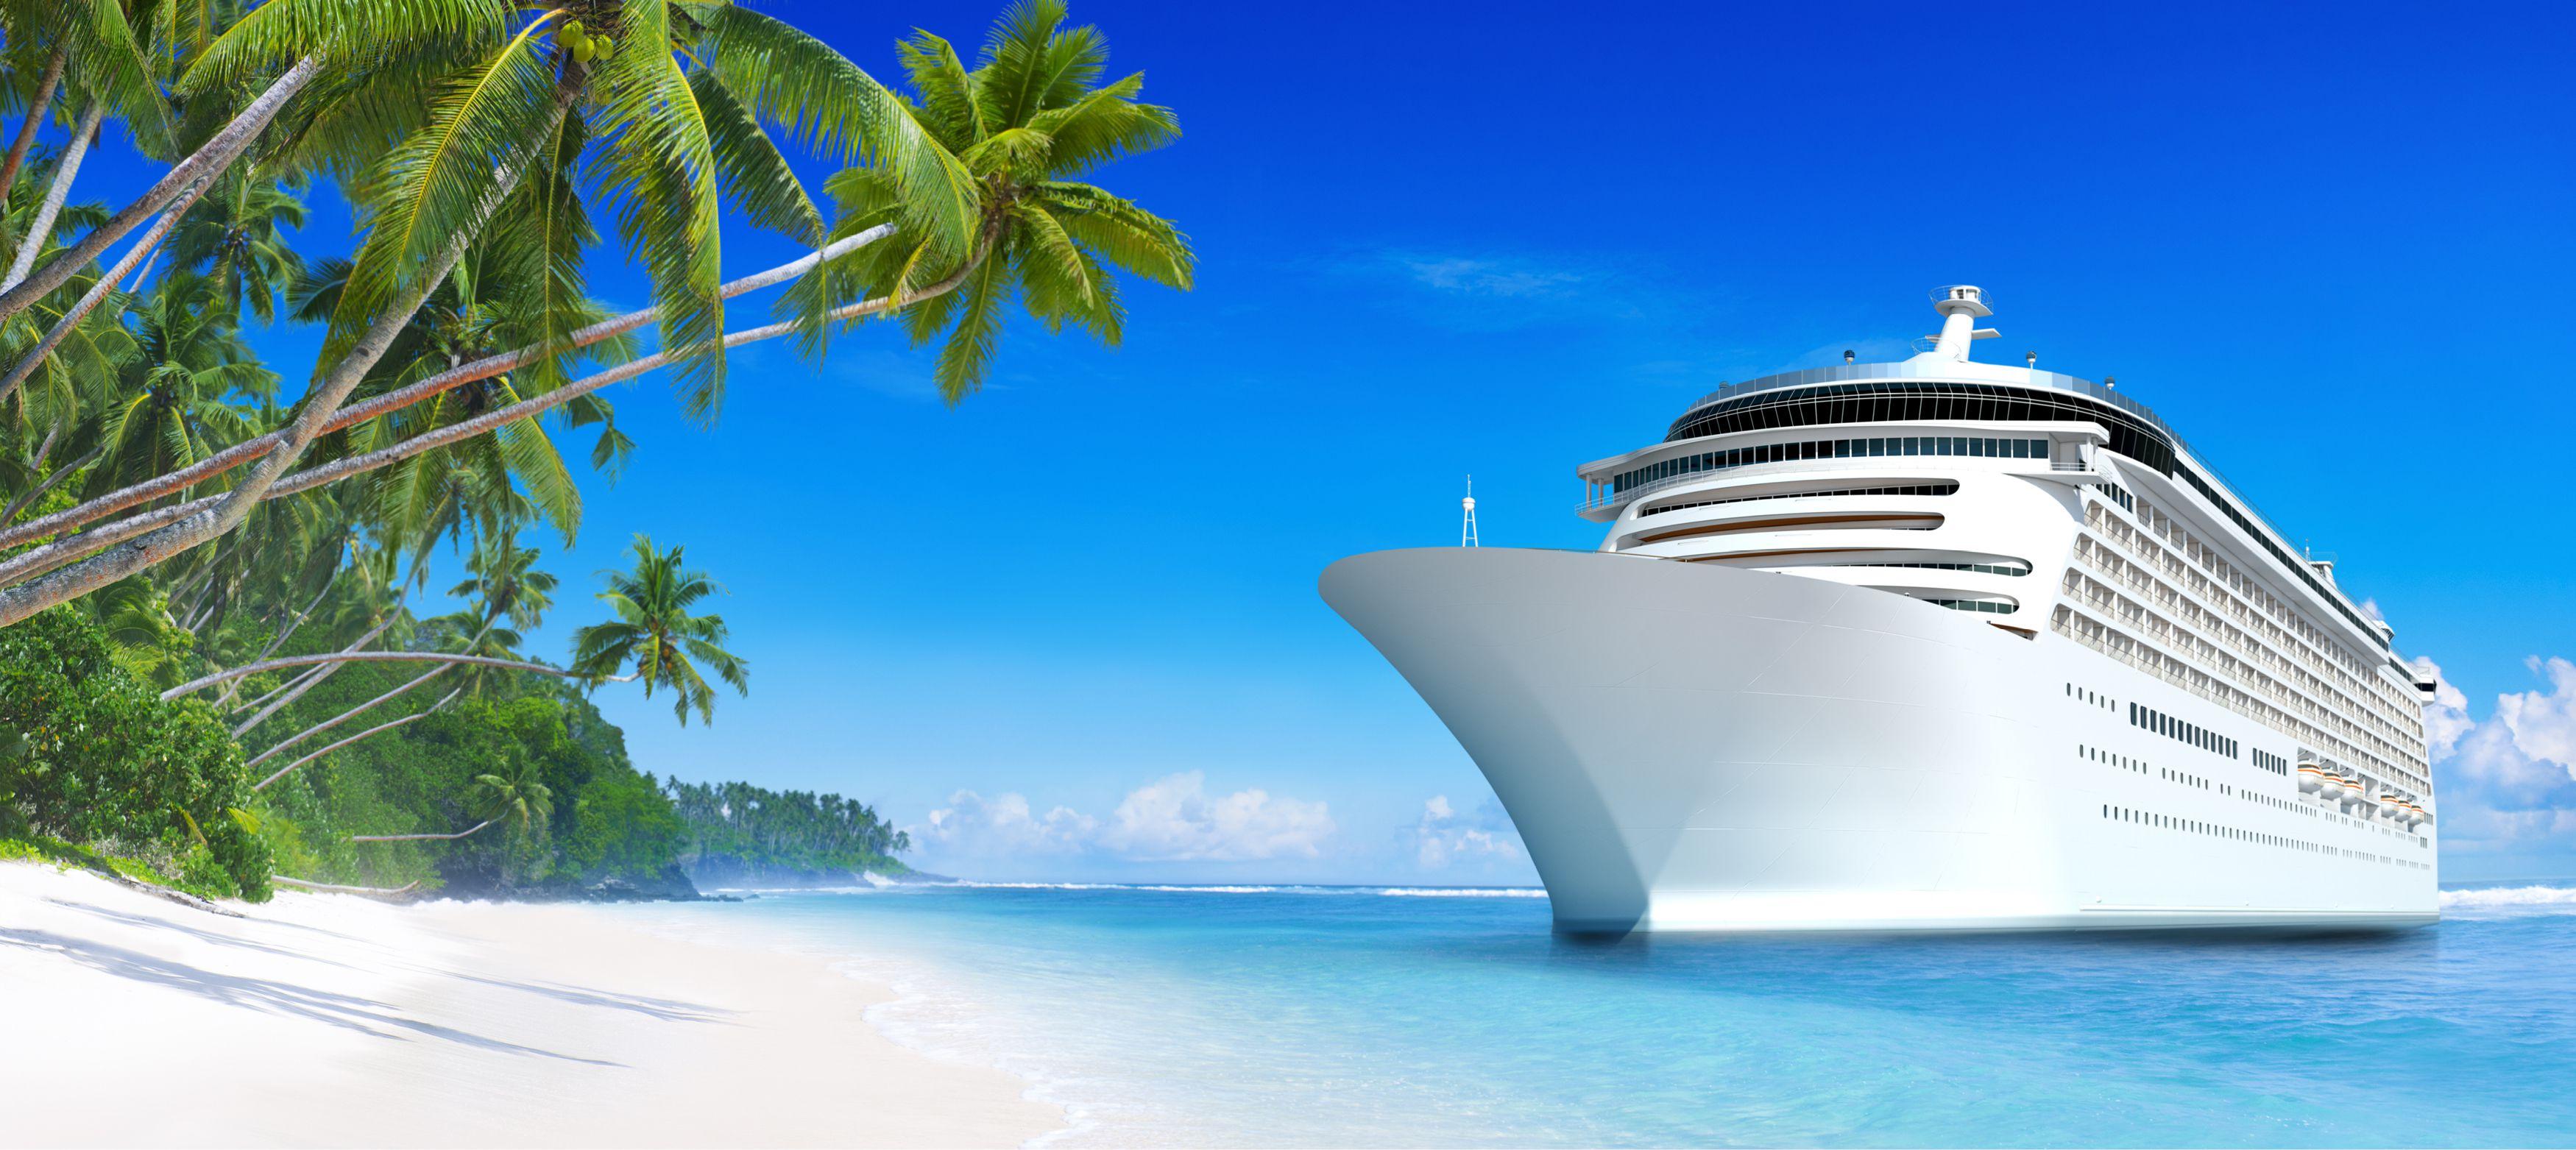 kryssningsbåt intill en ön i karibien med palmer